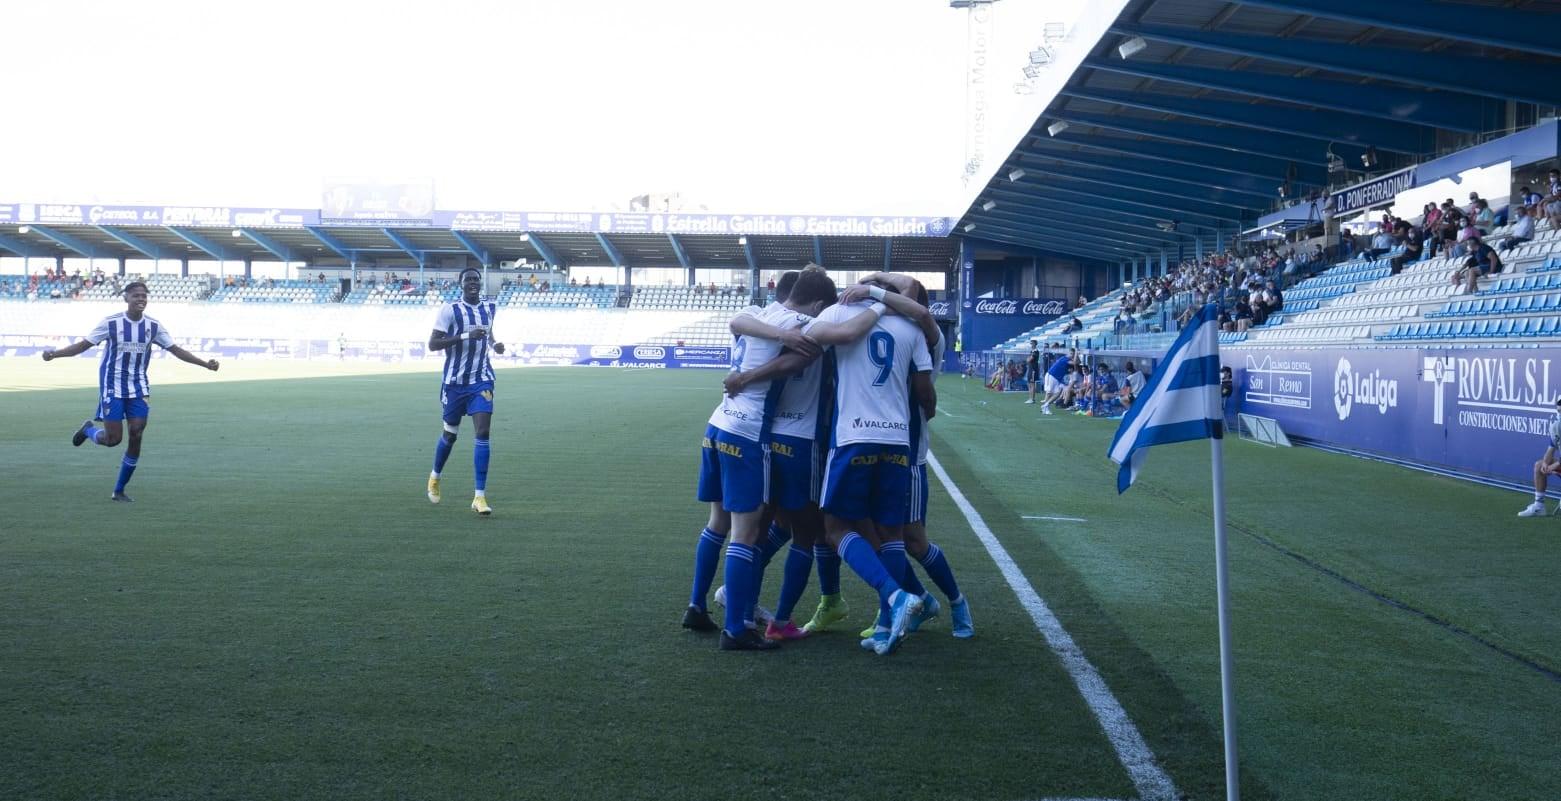 El Toralín abre de nuevo sus puertas este sábado para recibir al CD Ribert en el partido final de ascenso de la Ponferradina B a Tercera División RFEF 1